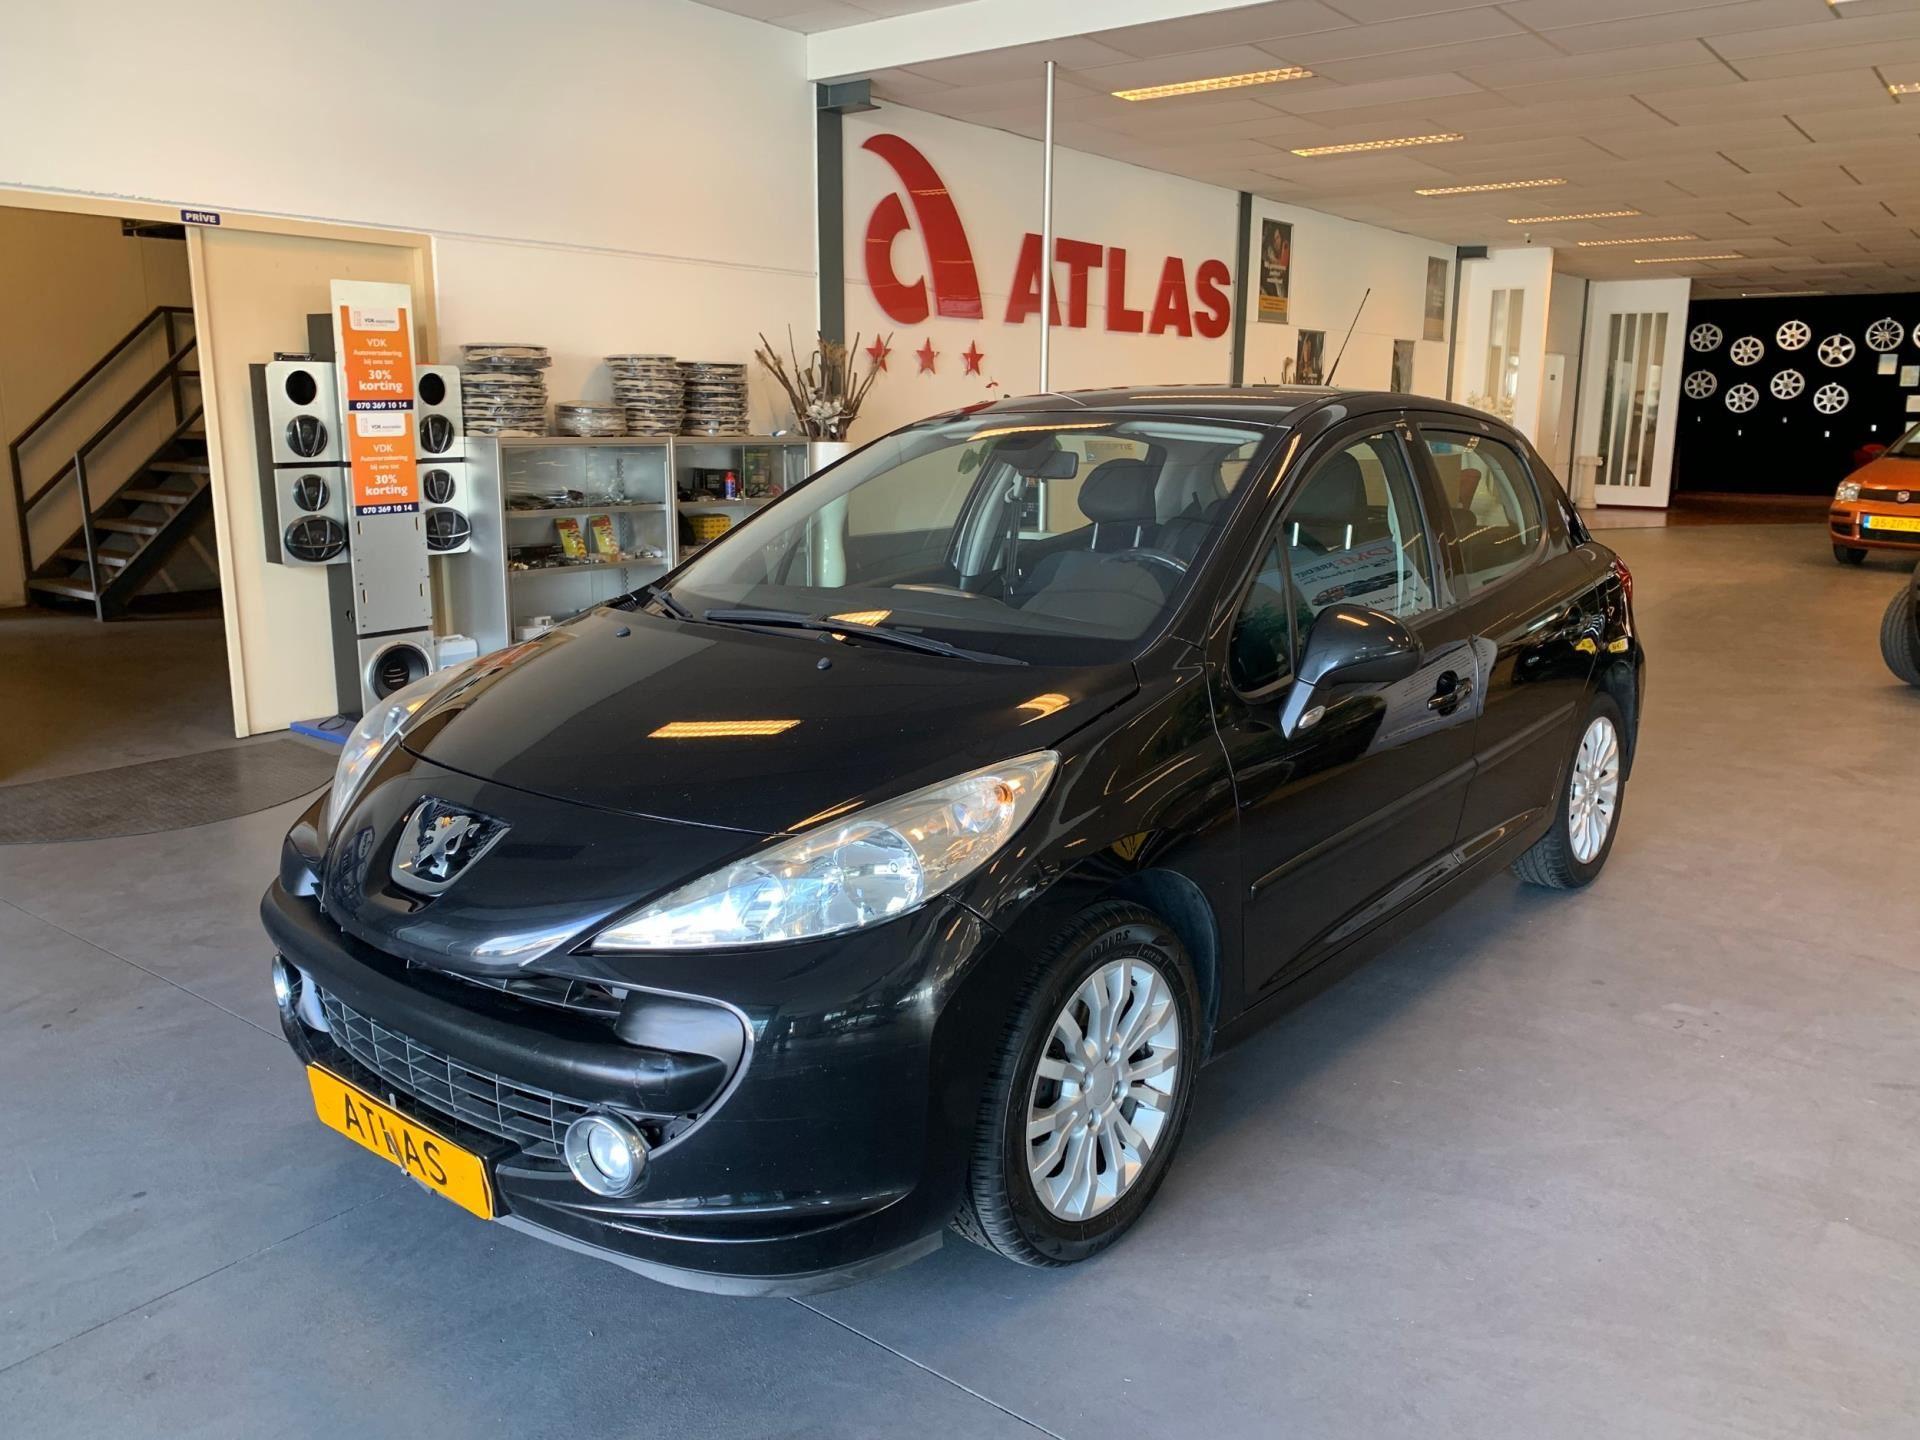 Peugeot 207 occasion - Atlas Garagebedrijf